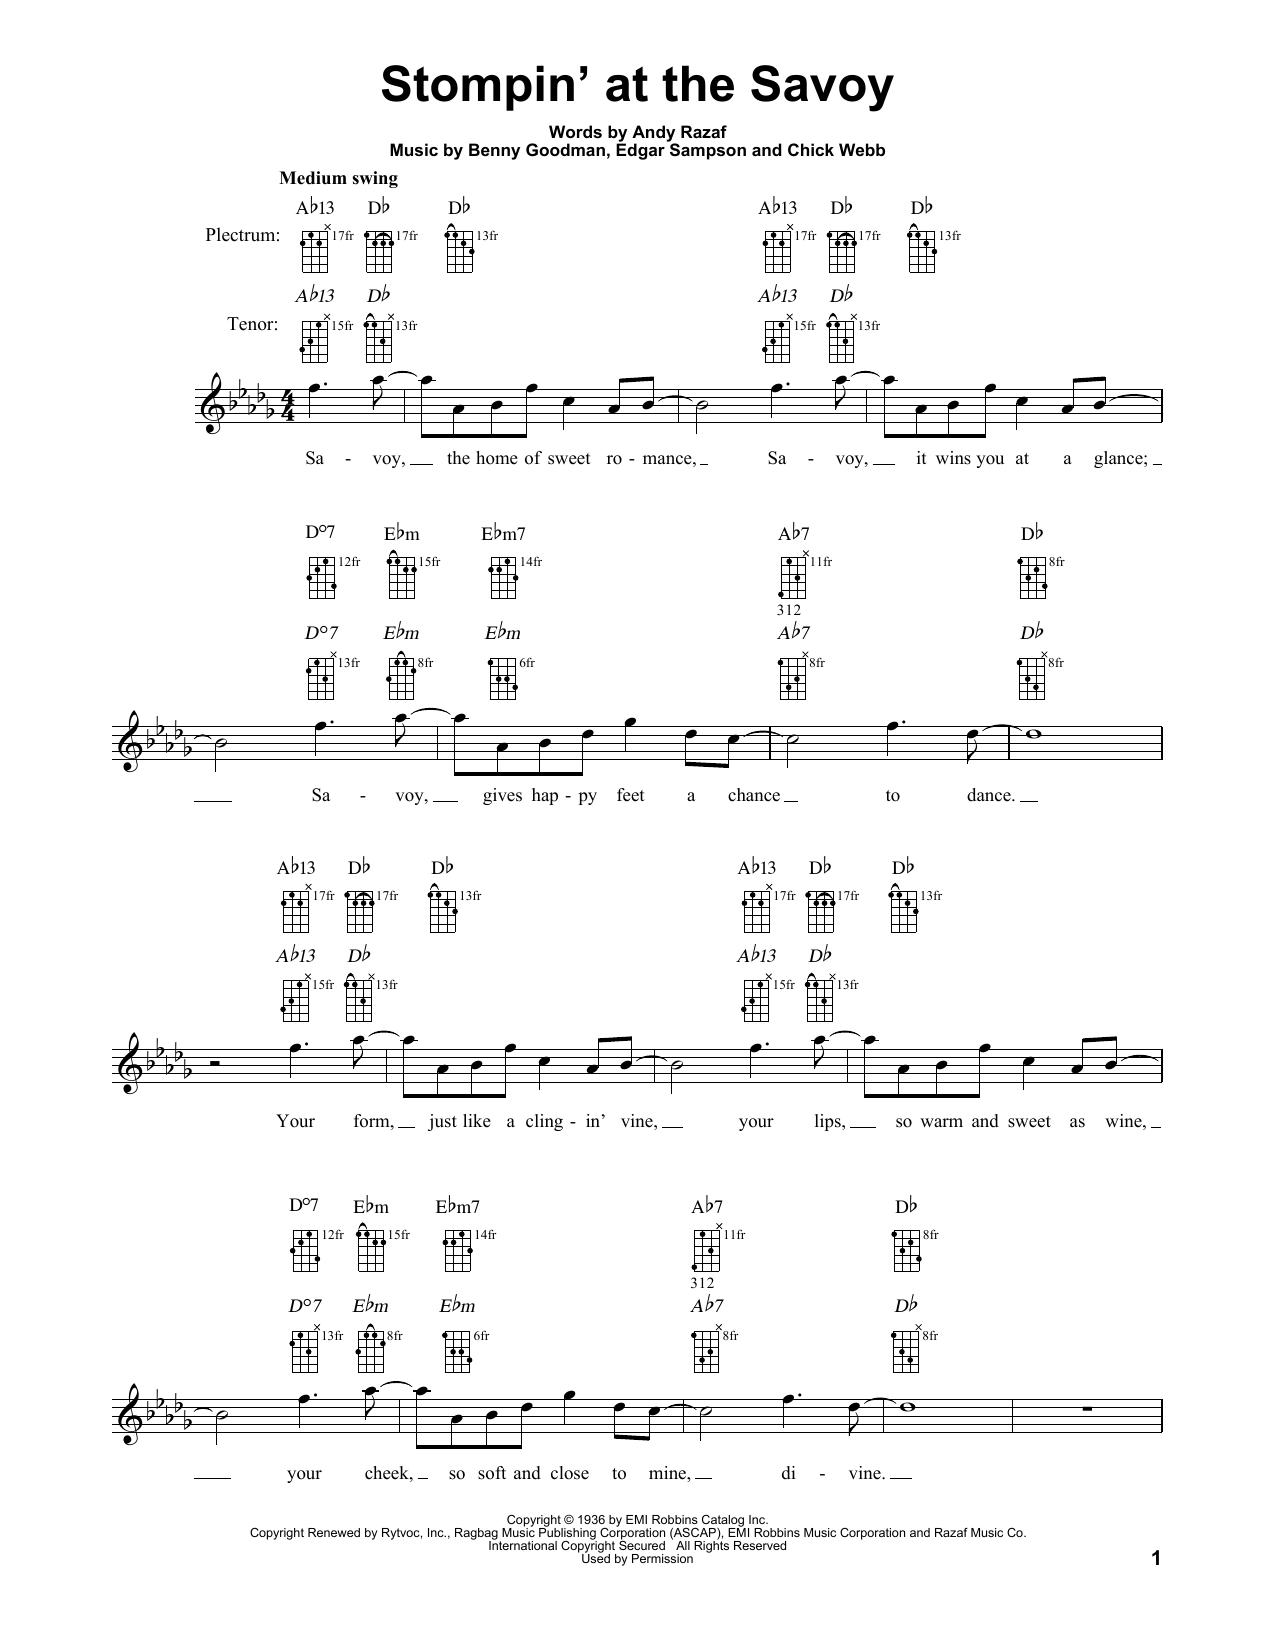 Stompin' At The Savoy Sheet Music